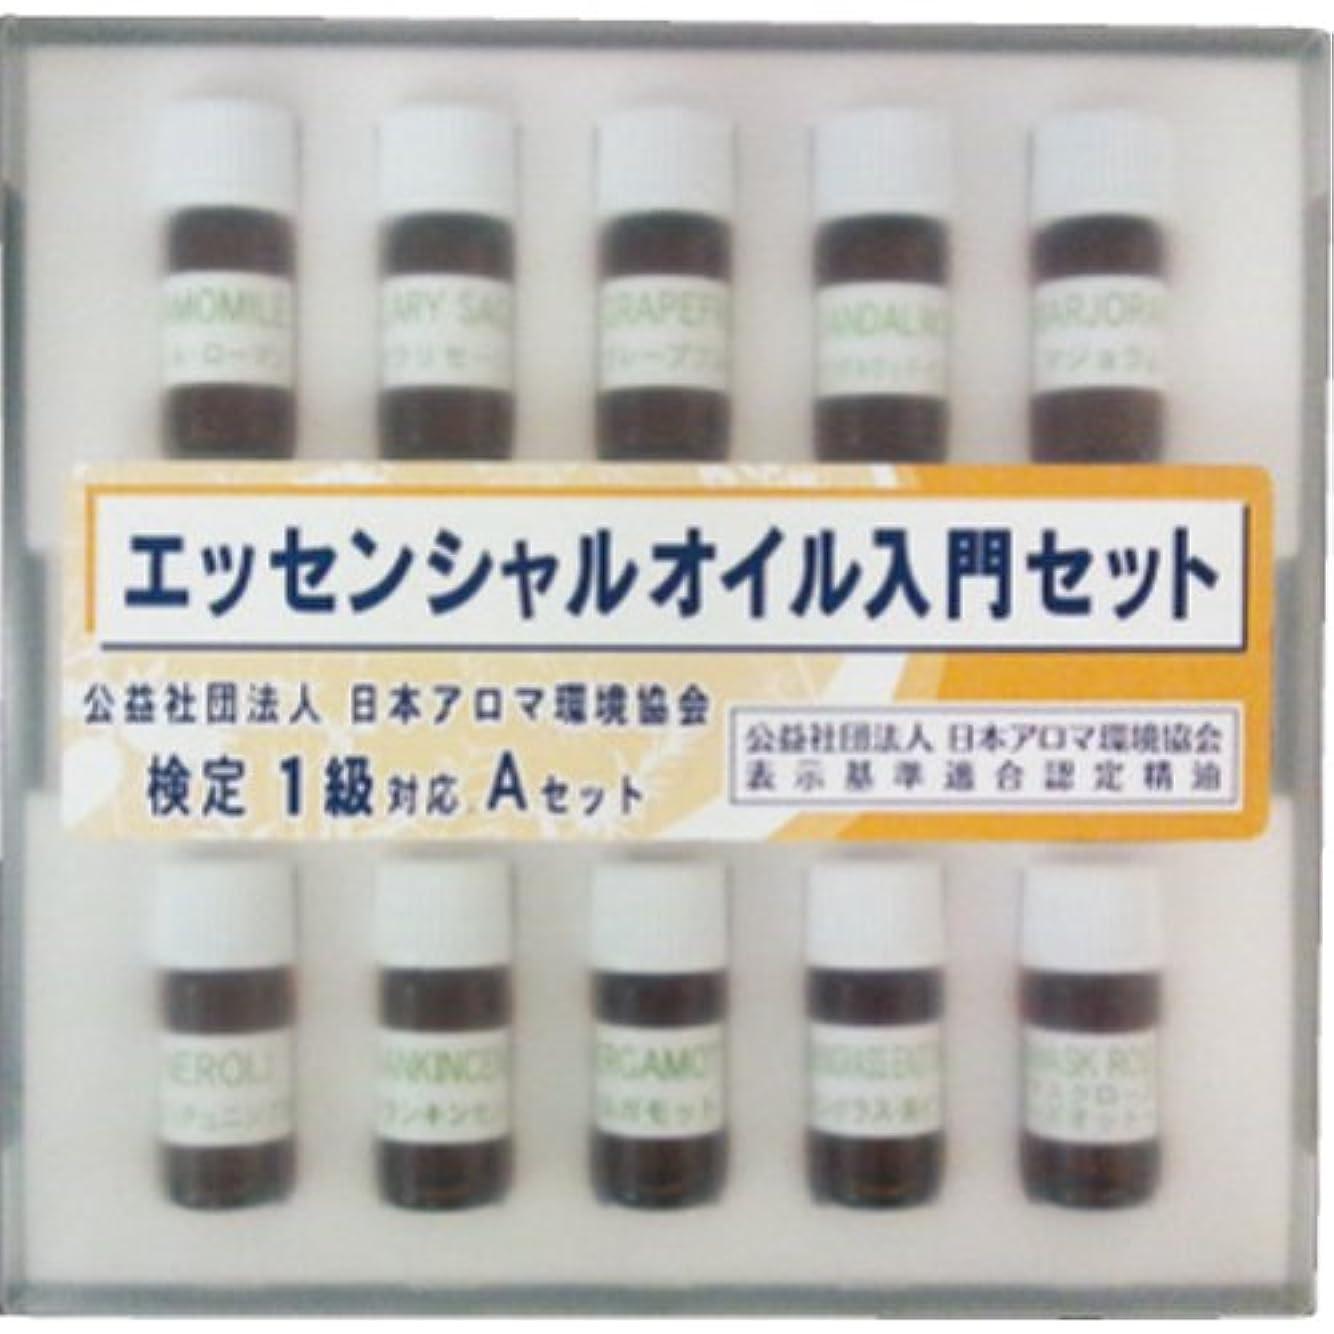 微妙温室エチケット生活の木 (公社)日本アロマ環境協会資格試験対応セット 検定1級対応Aセット